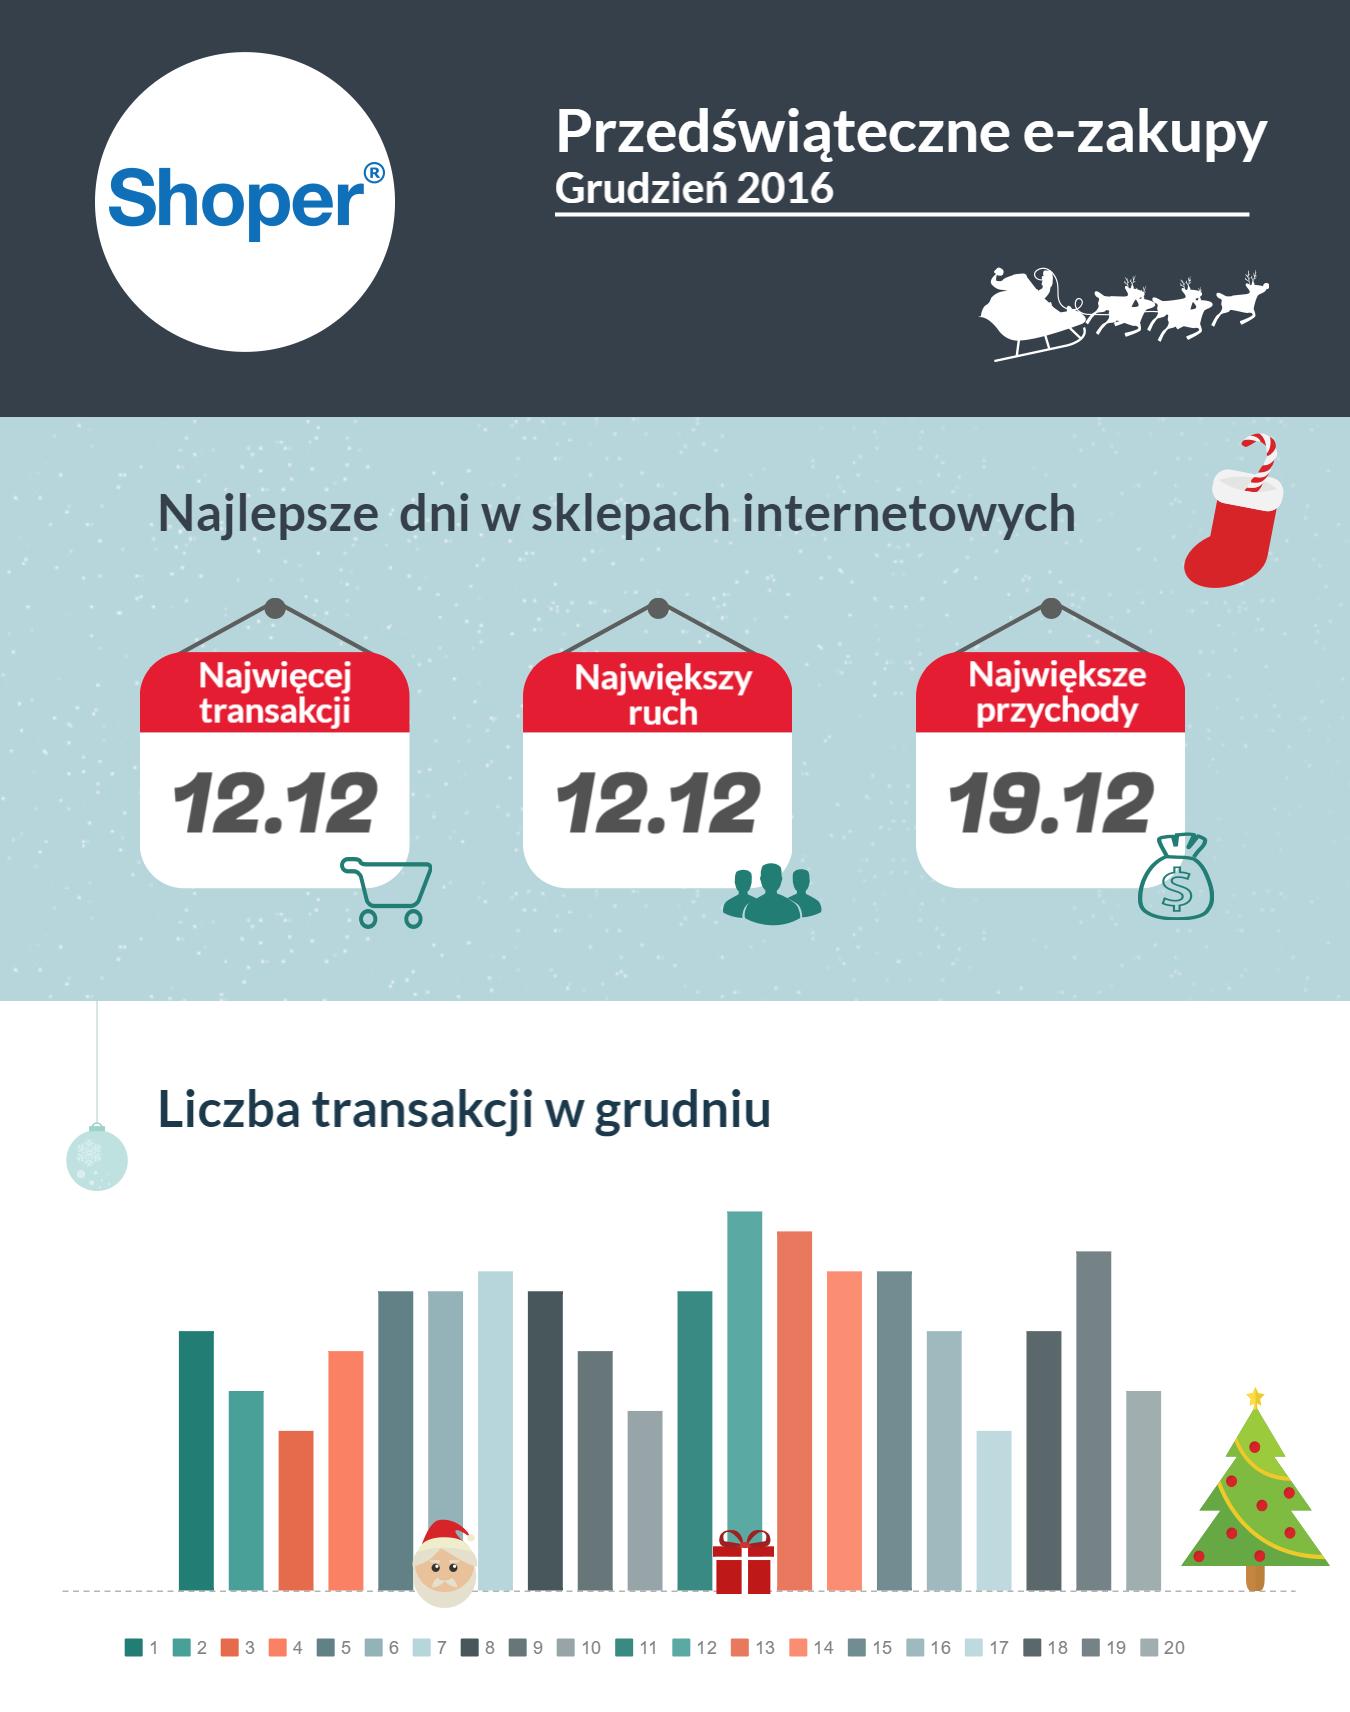 zakupy-przedswiateczne_shoper_21-12-2016